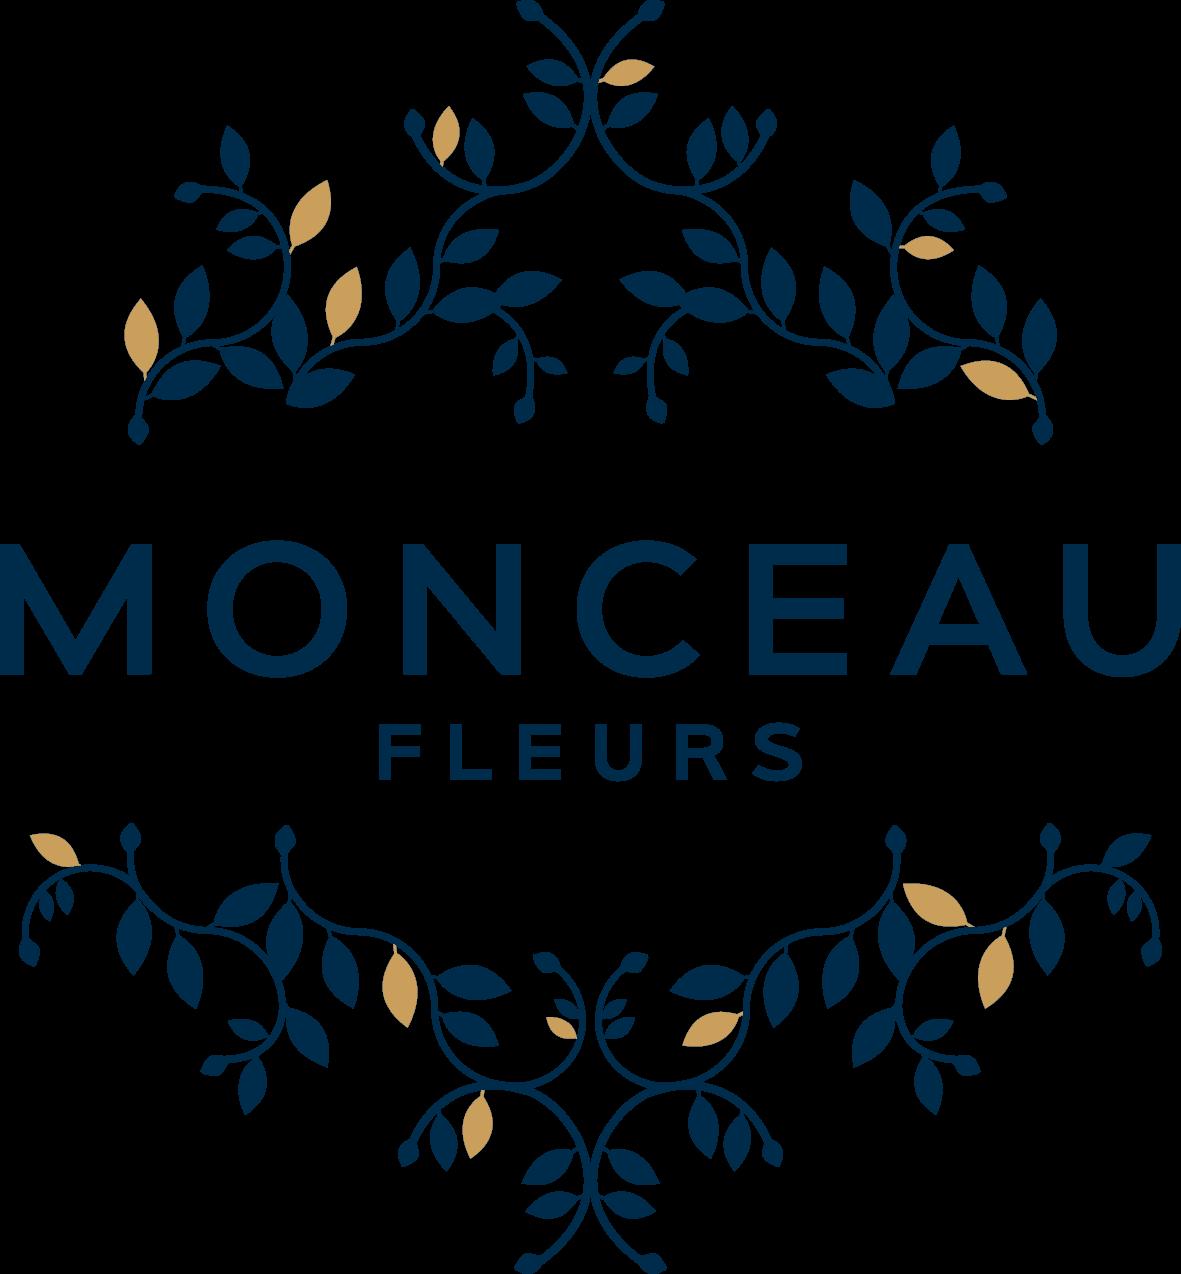 Monceau Fleurs Nantes